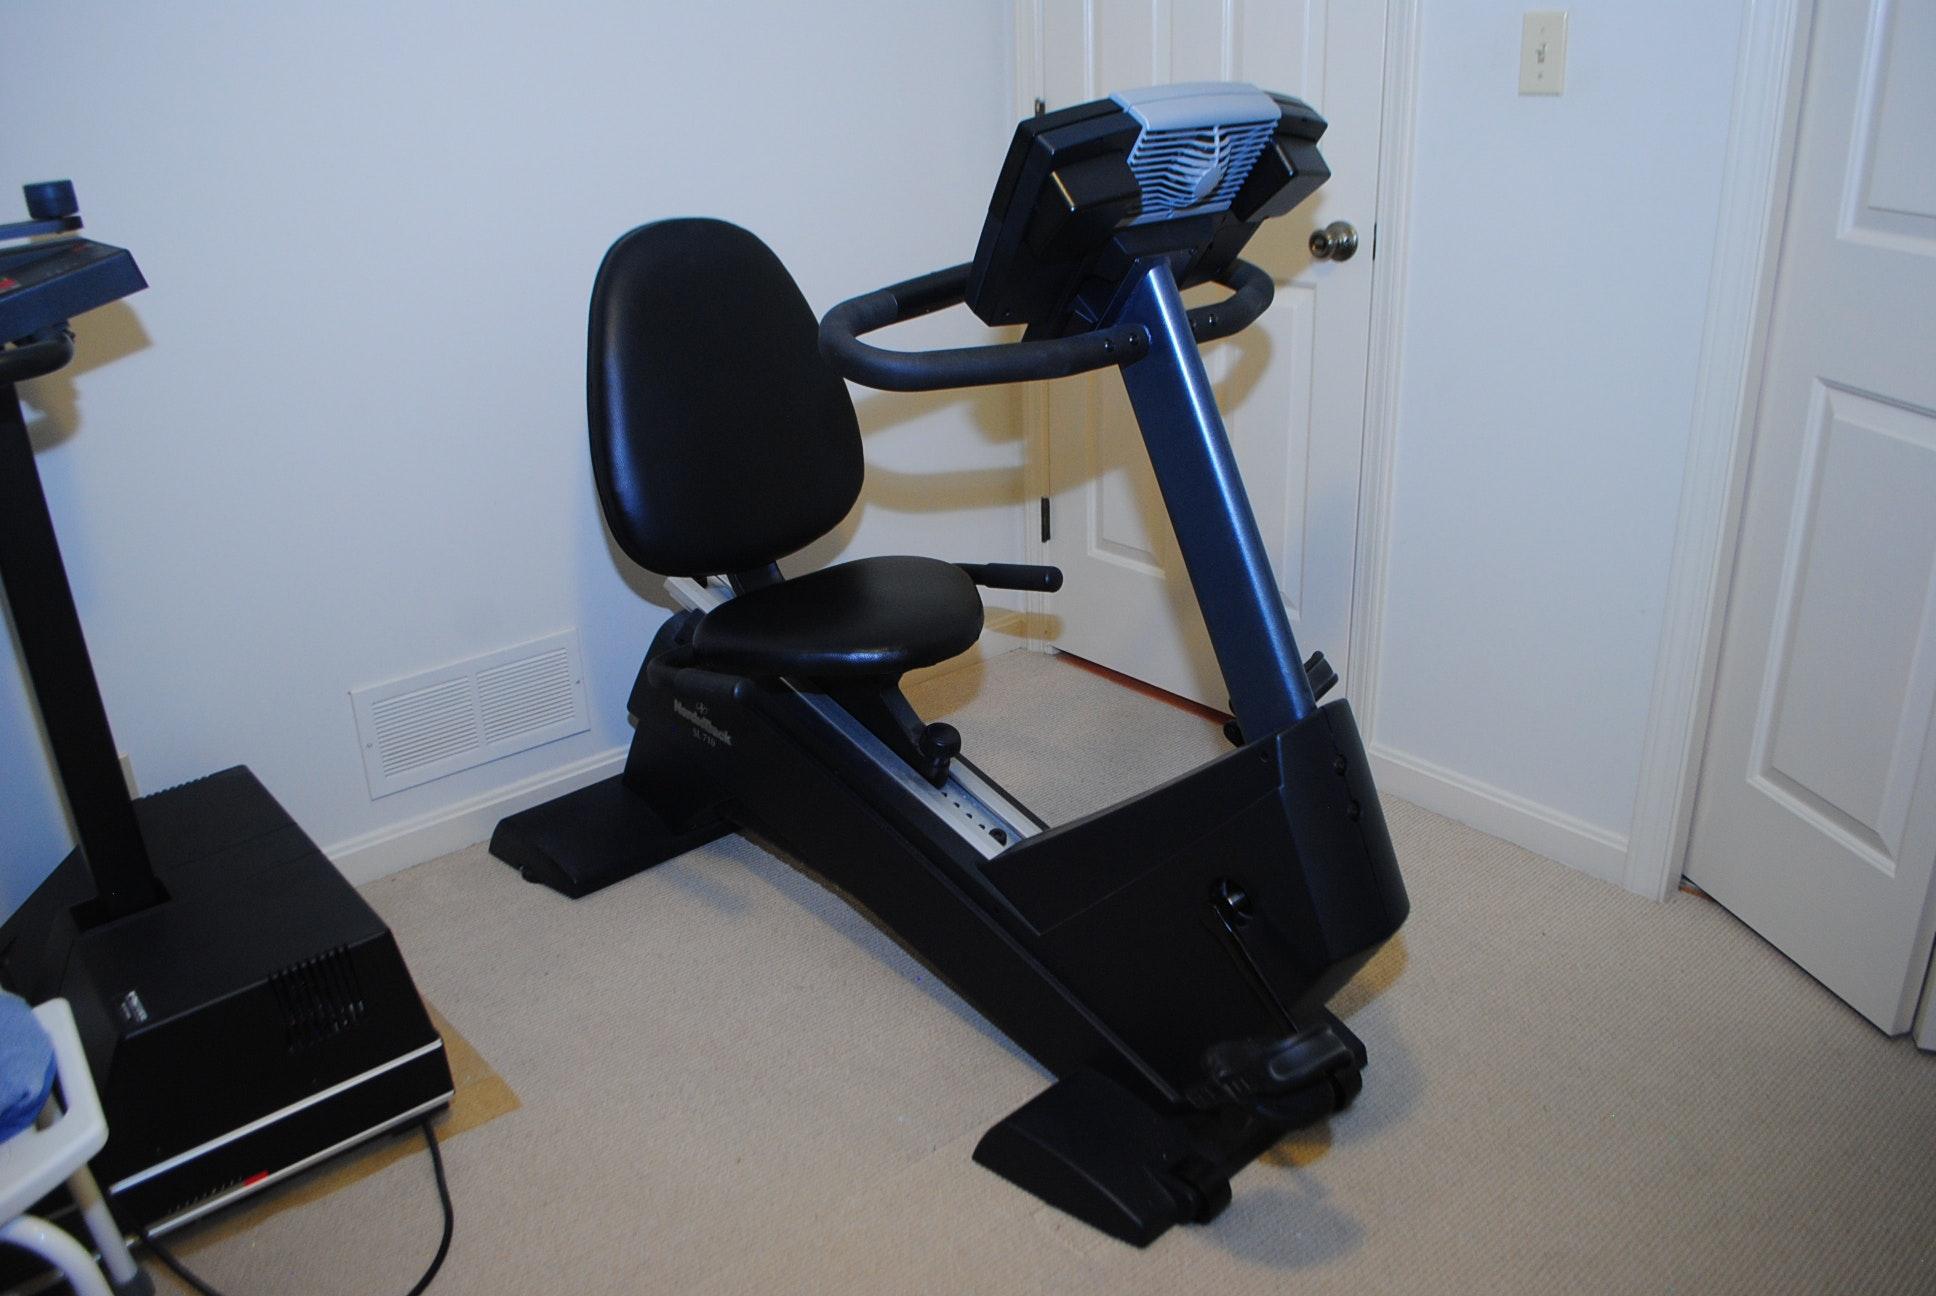 NordicTrack SL710 Recumbent Exercise Bike